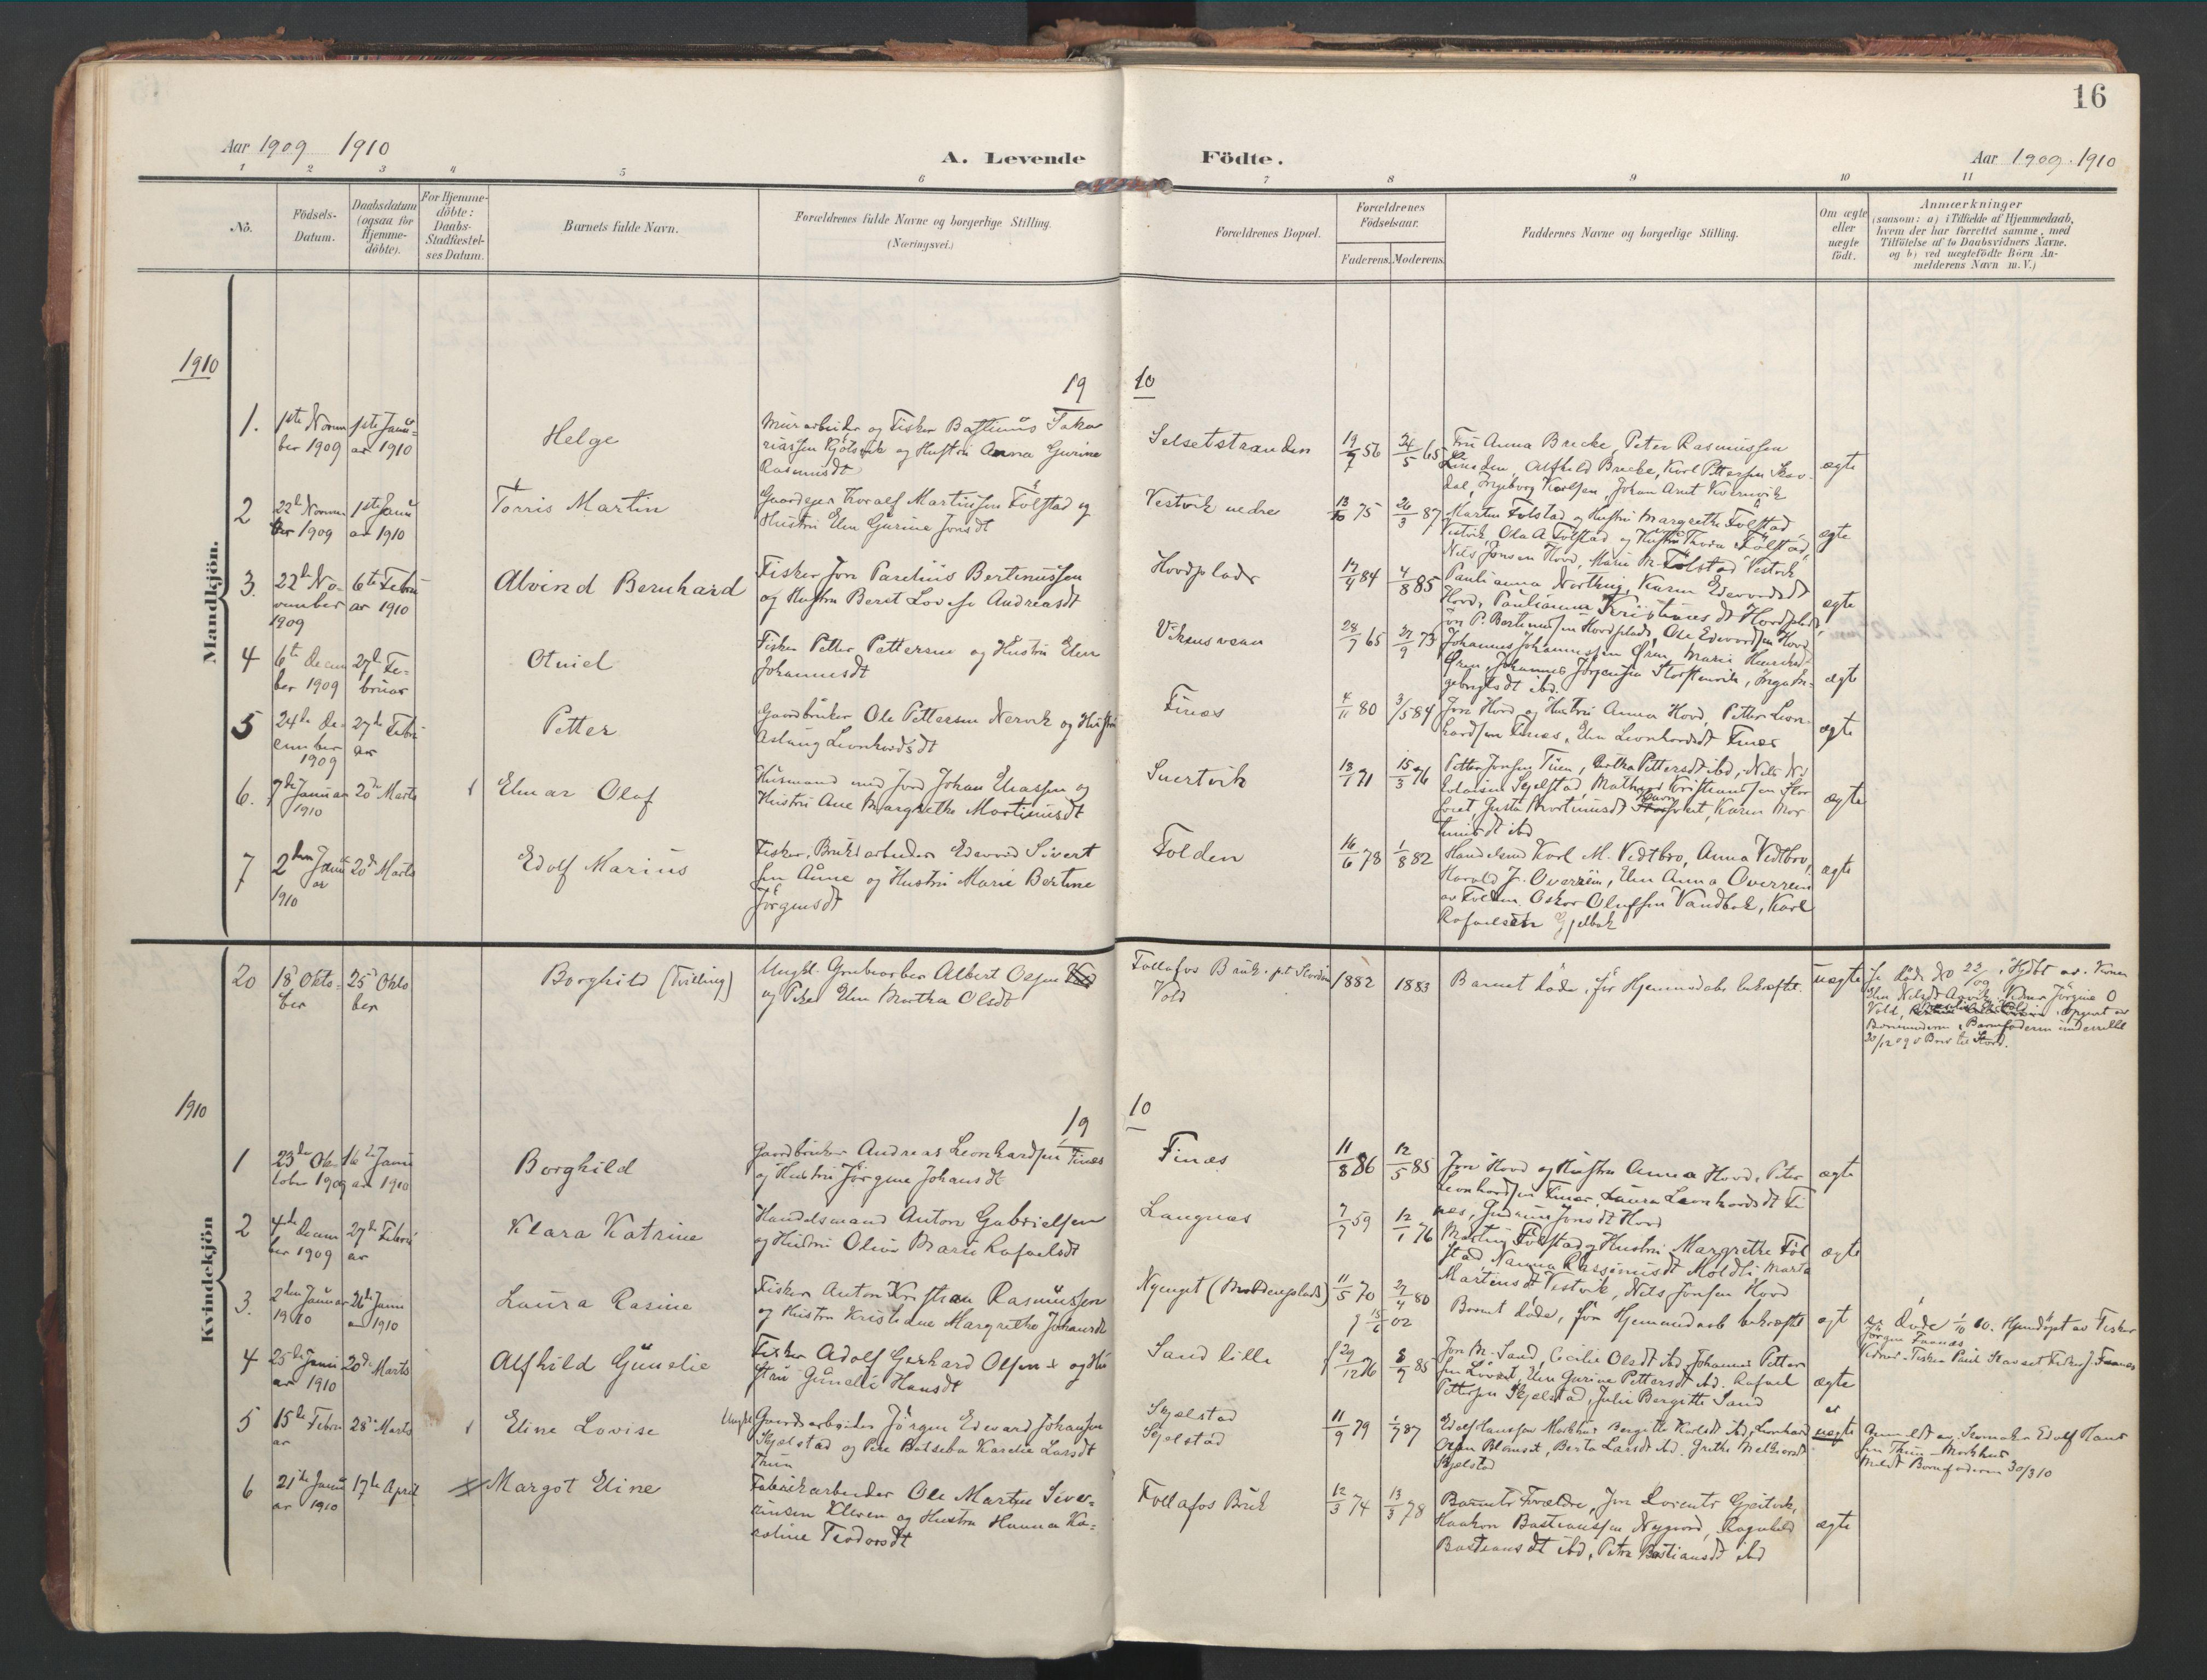 SAT, Ministerialprotokoller, klokkerbøker og fødselsregistre - Nord-Trøndelag, 744/L0421: Ministerialbok nr. 744A05, 1905-1930, s. 16